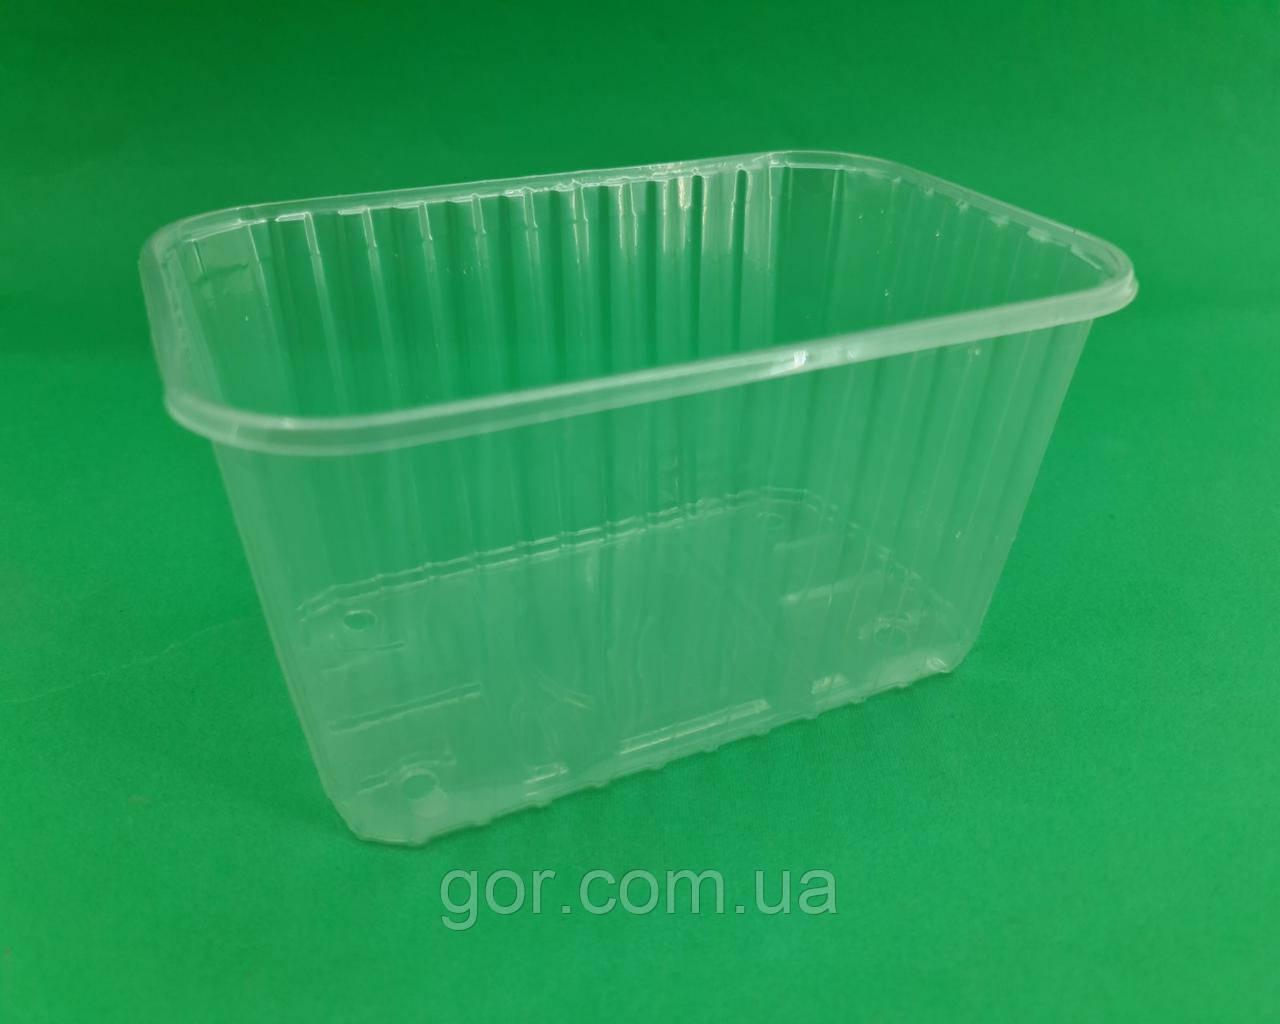 Лотки тара для ягод на 1кг F1005F (50 шт) пластиковая одноразовая прозрачная емкость пинетки для клубники